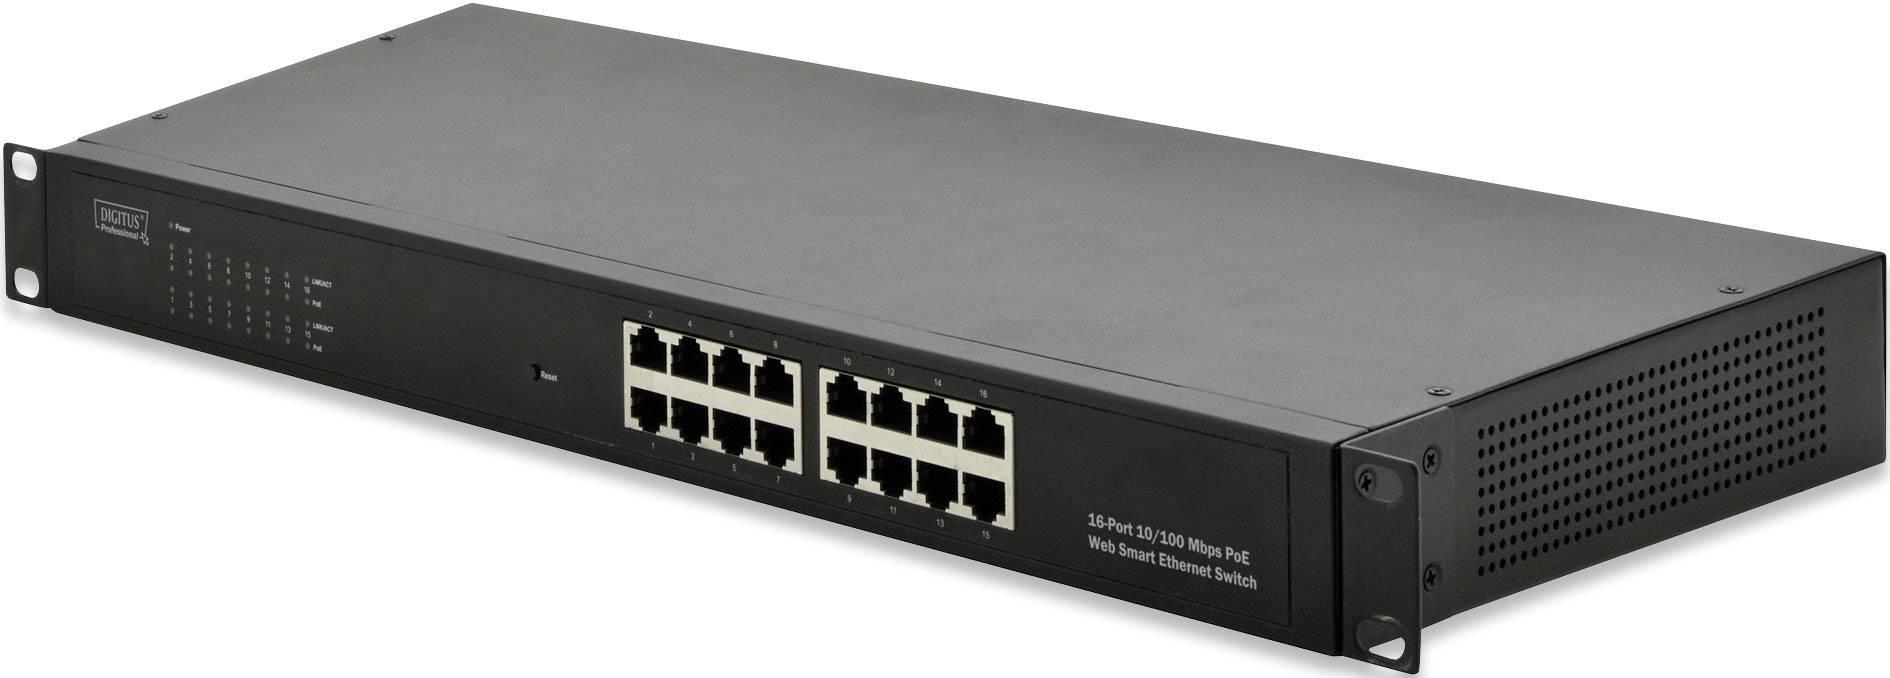 Síťový switch RJ45 Digitus Professional, 16 portů, 100 Mbit/s, funkce PoE